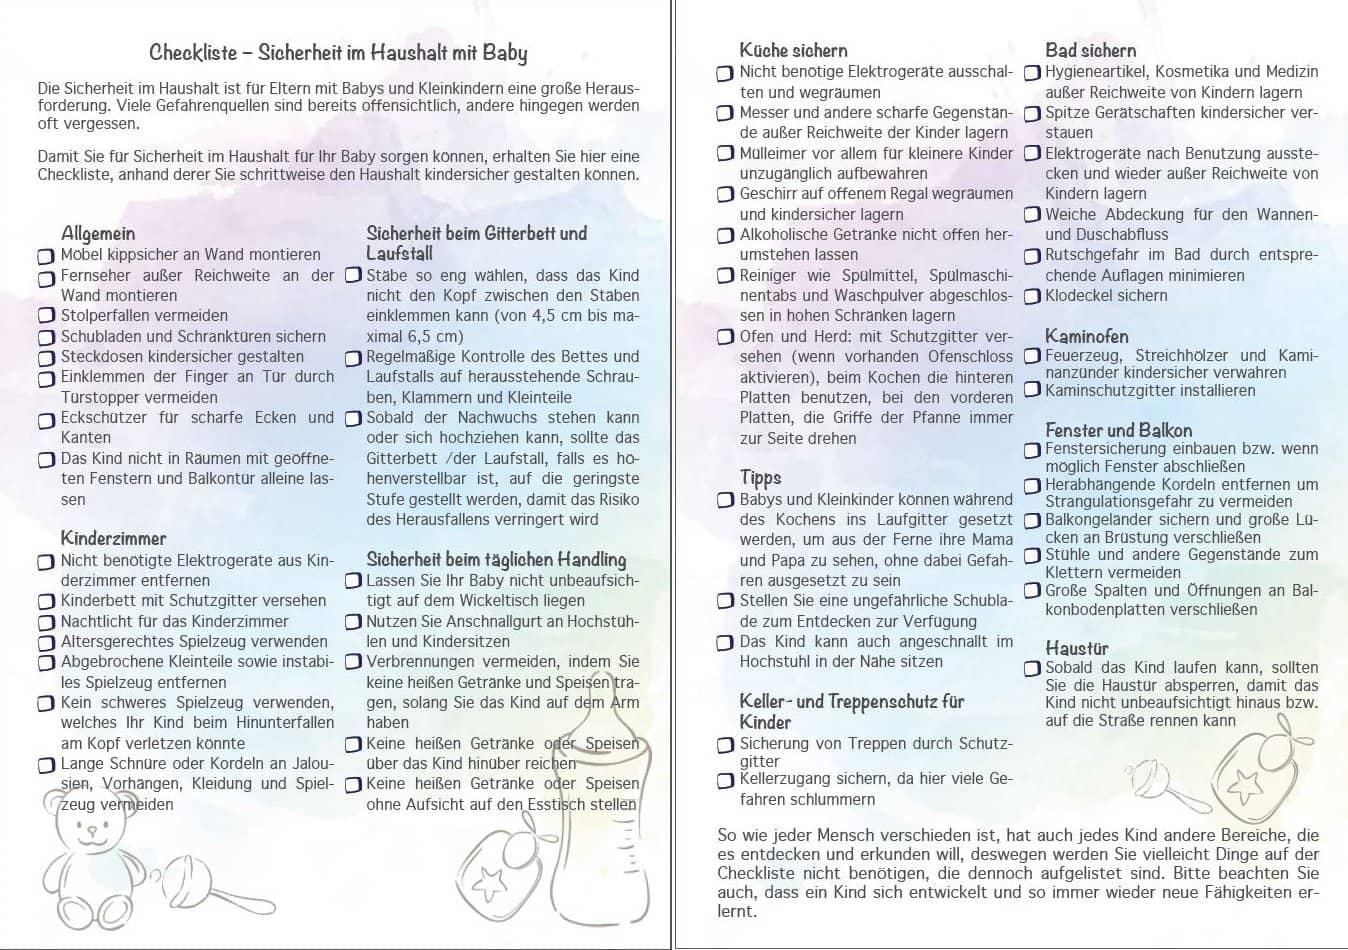 Checkliste für Babysicherheit im Haushalt